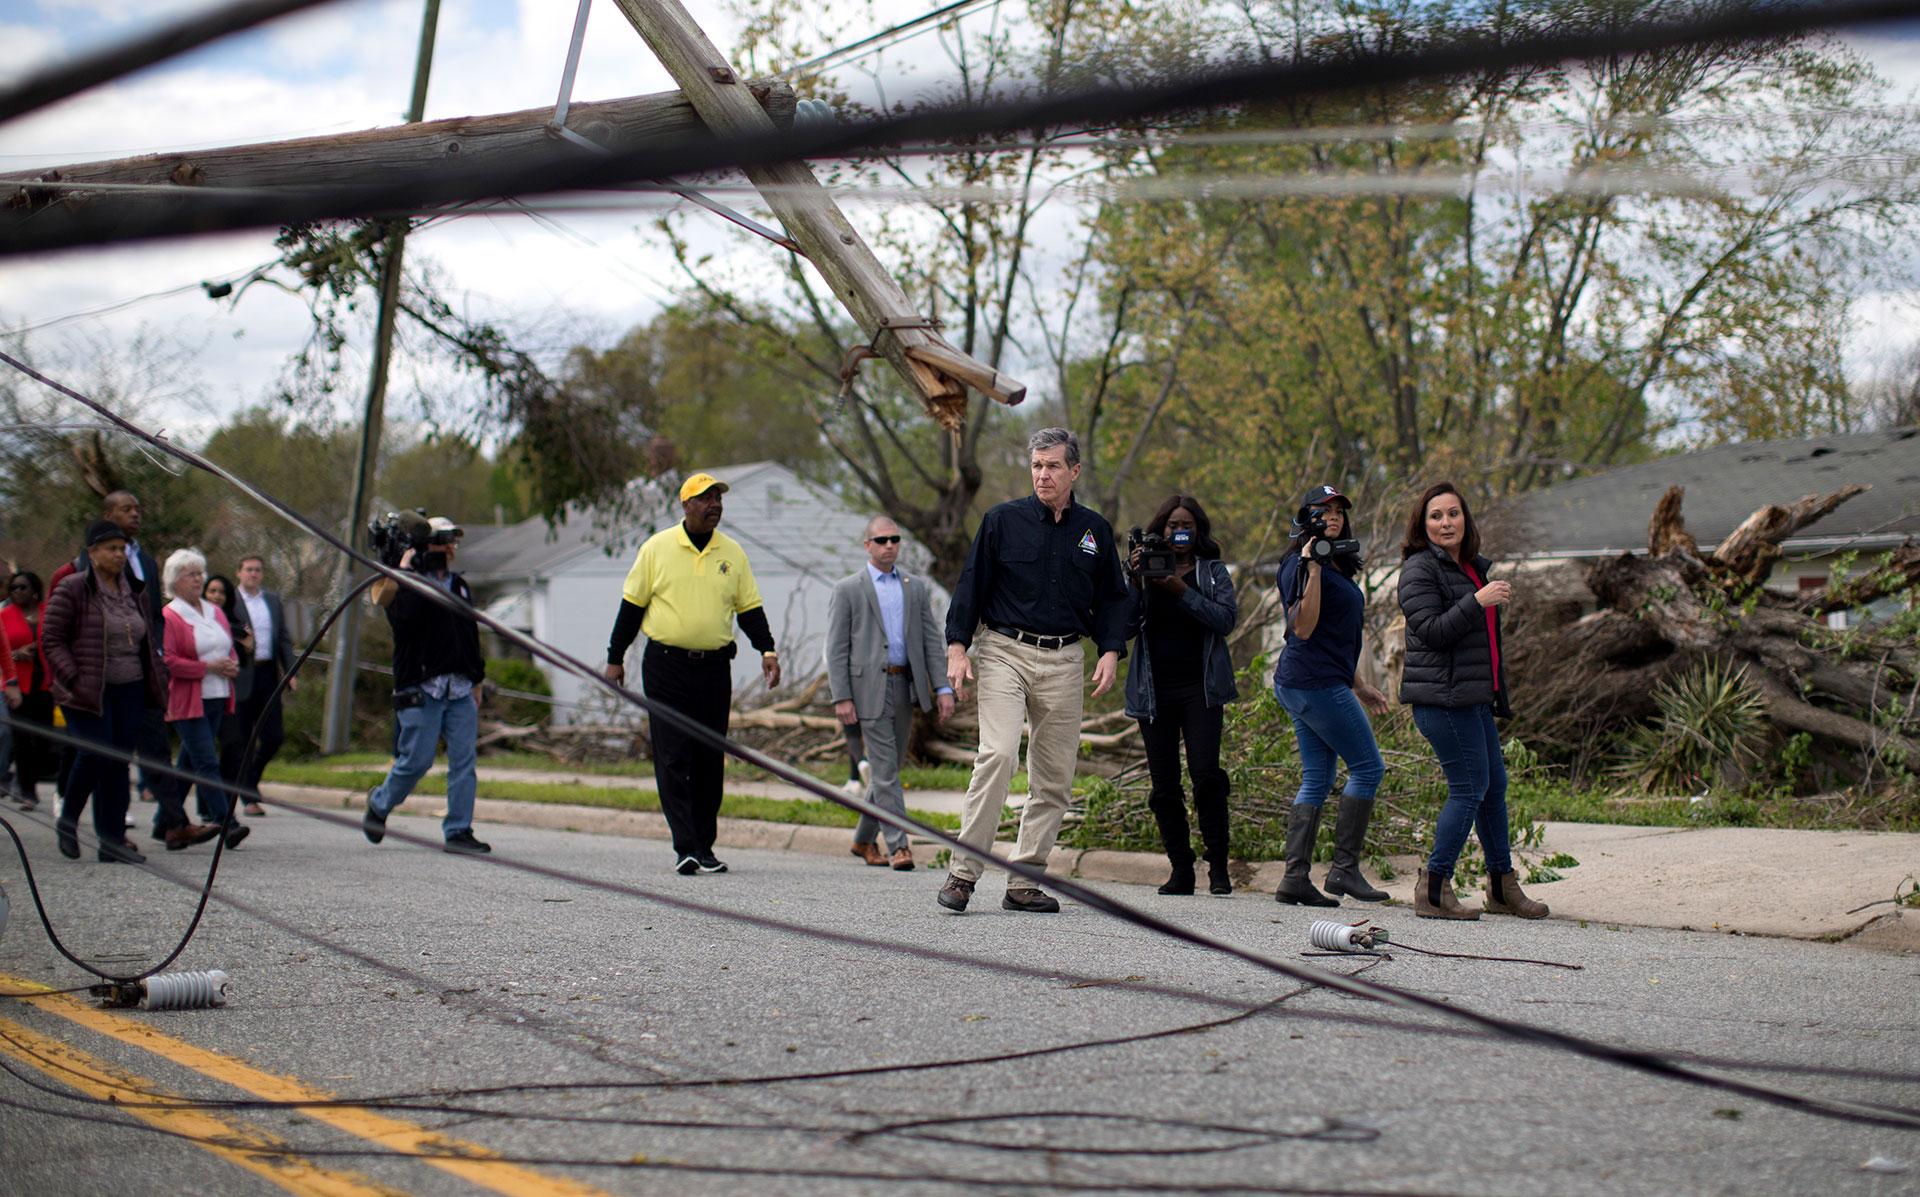 El gobernador de North Carolina Roy Cooper observa un poste de electricidad caído en medio de la calle McConnel de Greensboro